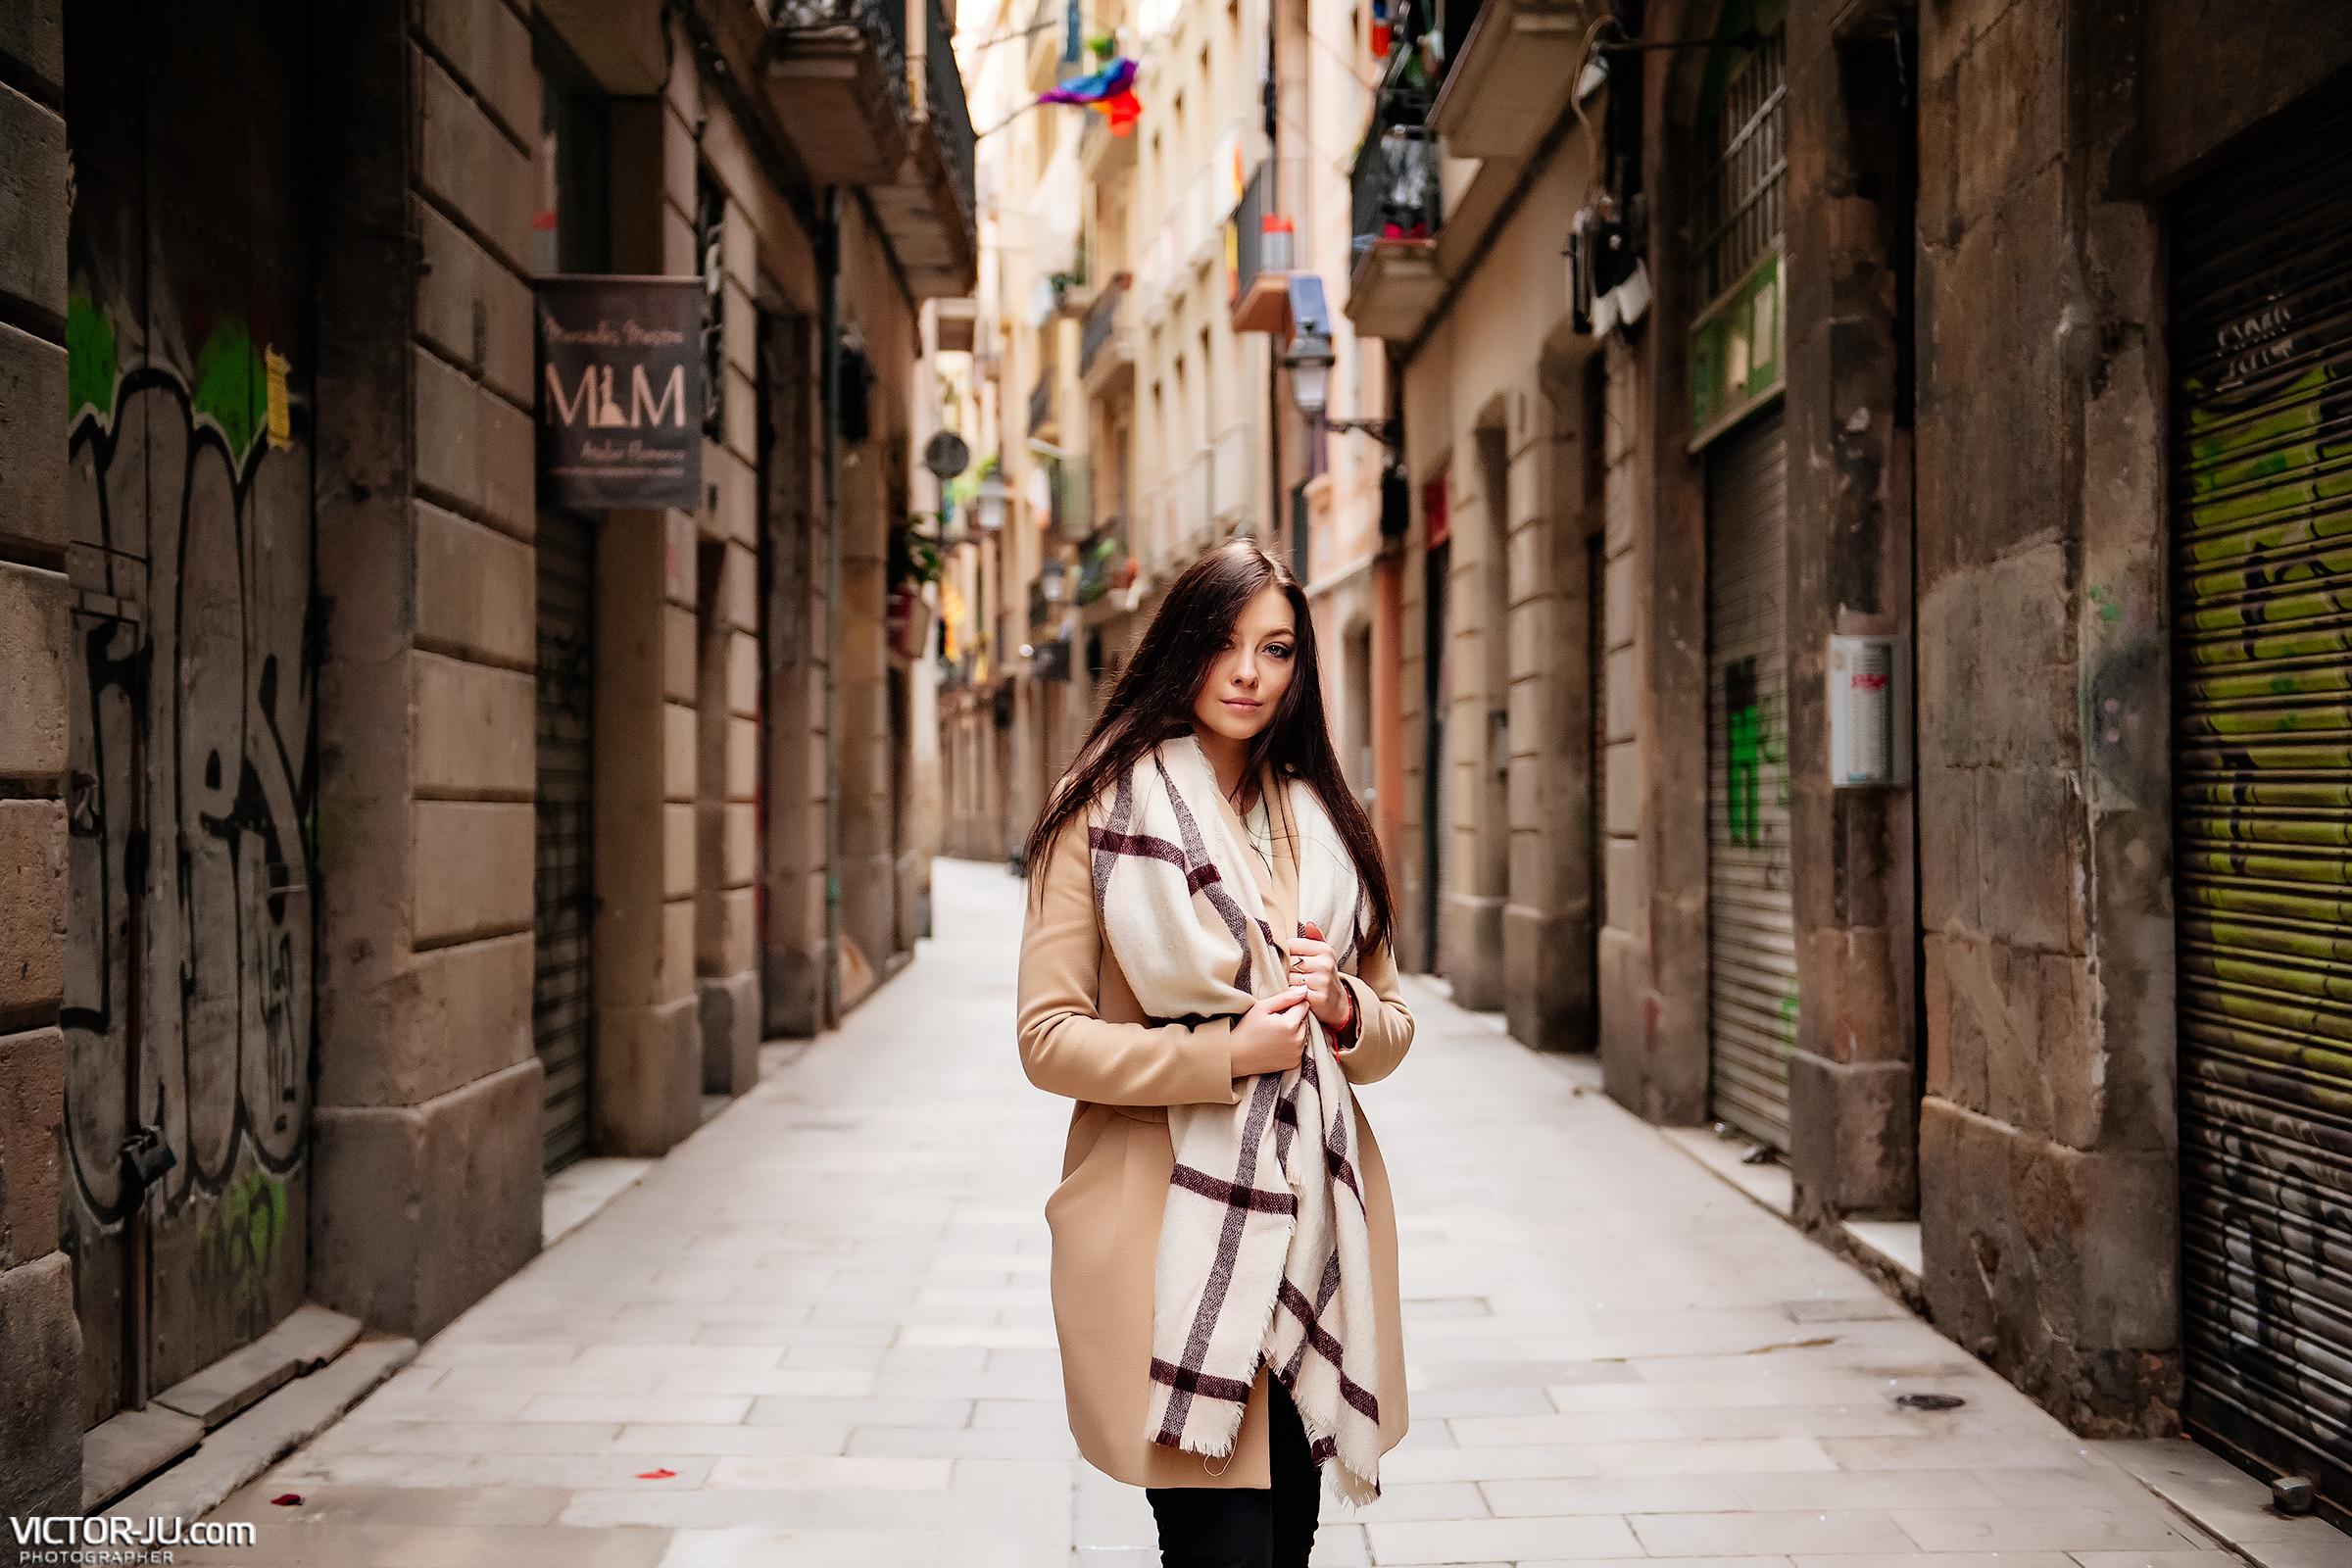 Индивидуальная фотосессяия в Барселоне